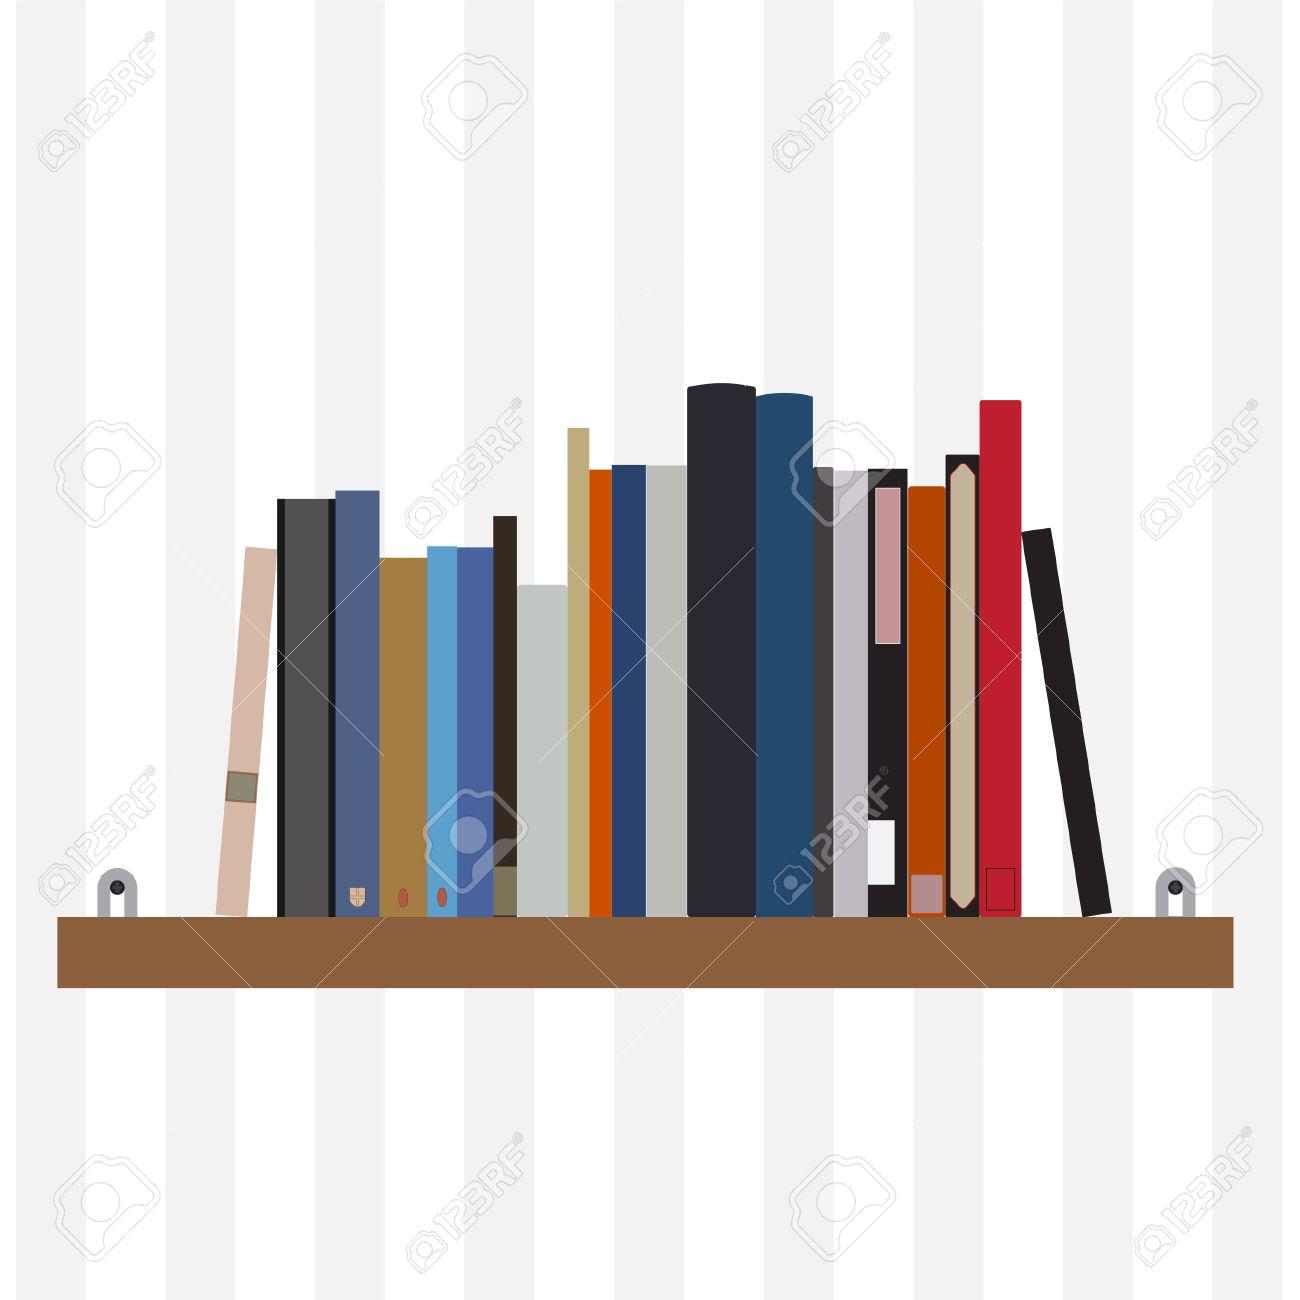 digital divide essay digital divide essay outline of an expository essay outline of